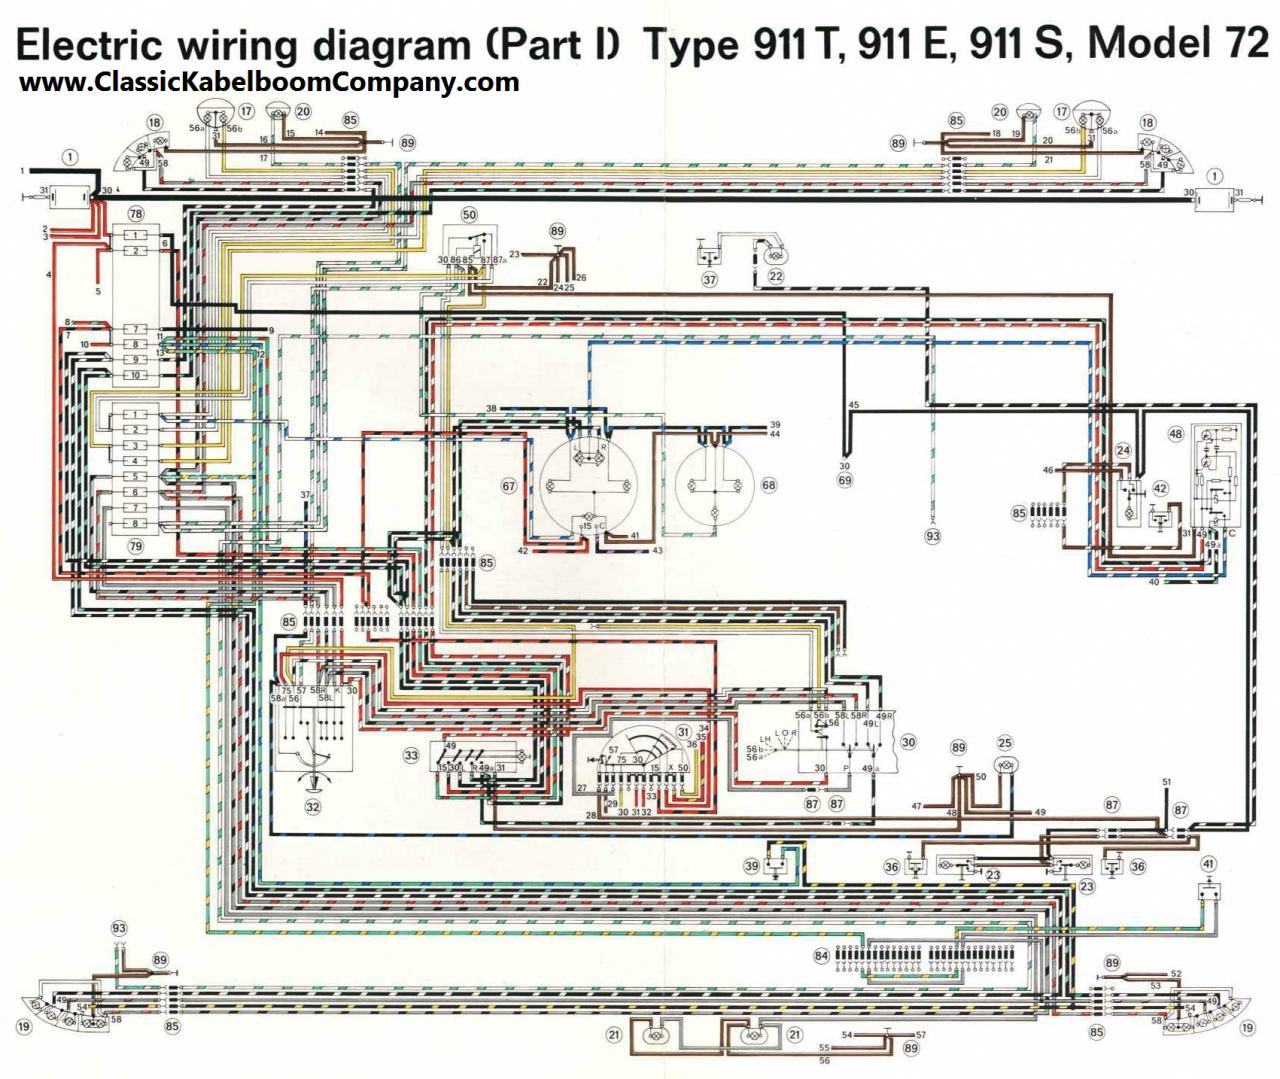 porsche 912 wiring diagram wiring diagrams porsche cayenne wiring diagram classic kabelboom company bedrading schema's porsche wiring wiring diagram porsche 911 1972 part 1 porsche 912 wiring diagram